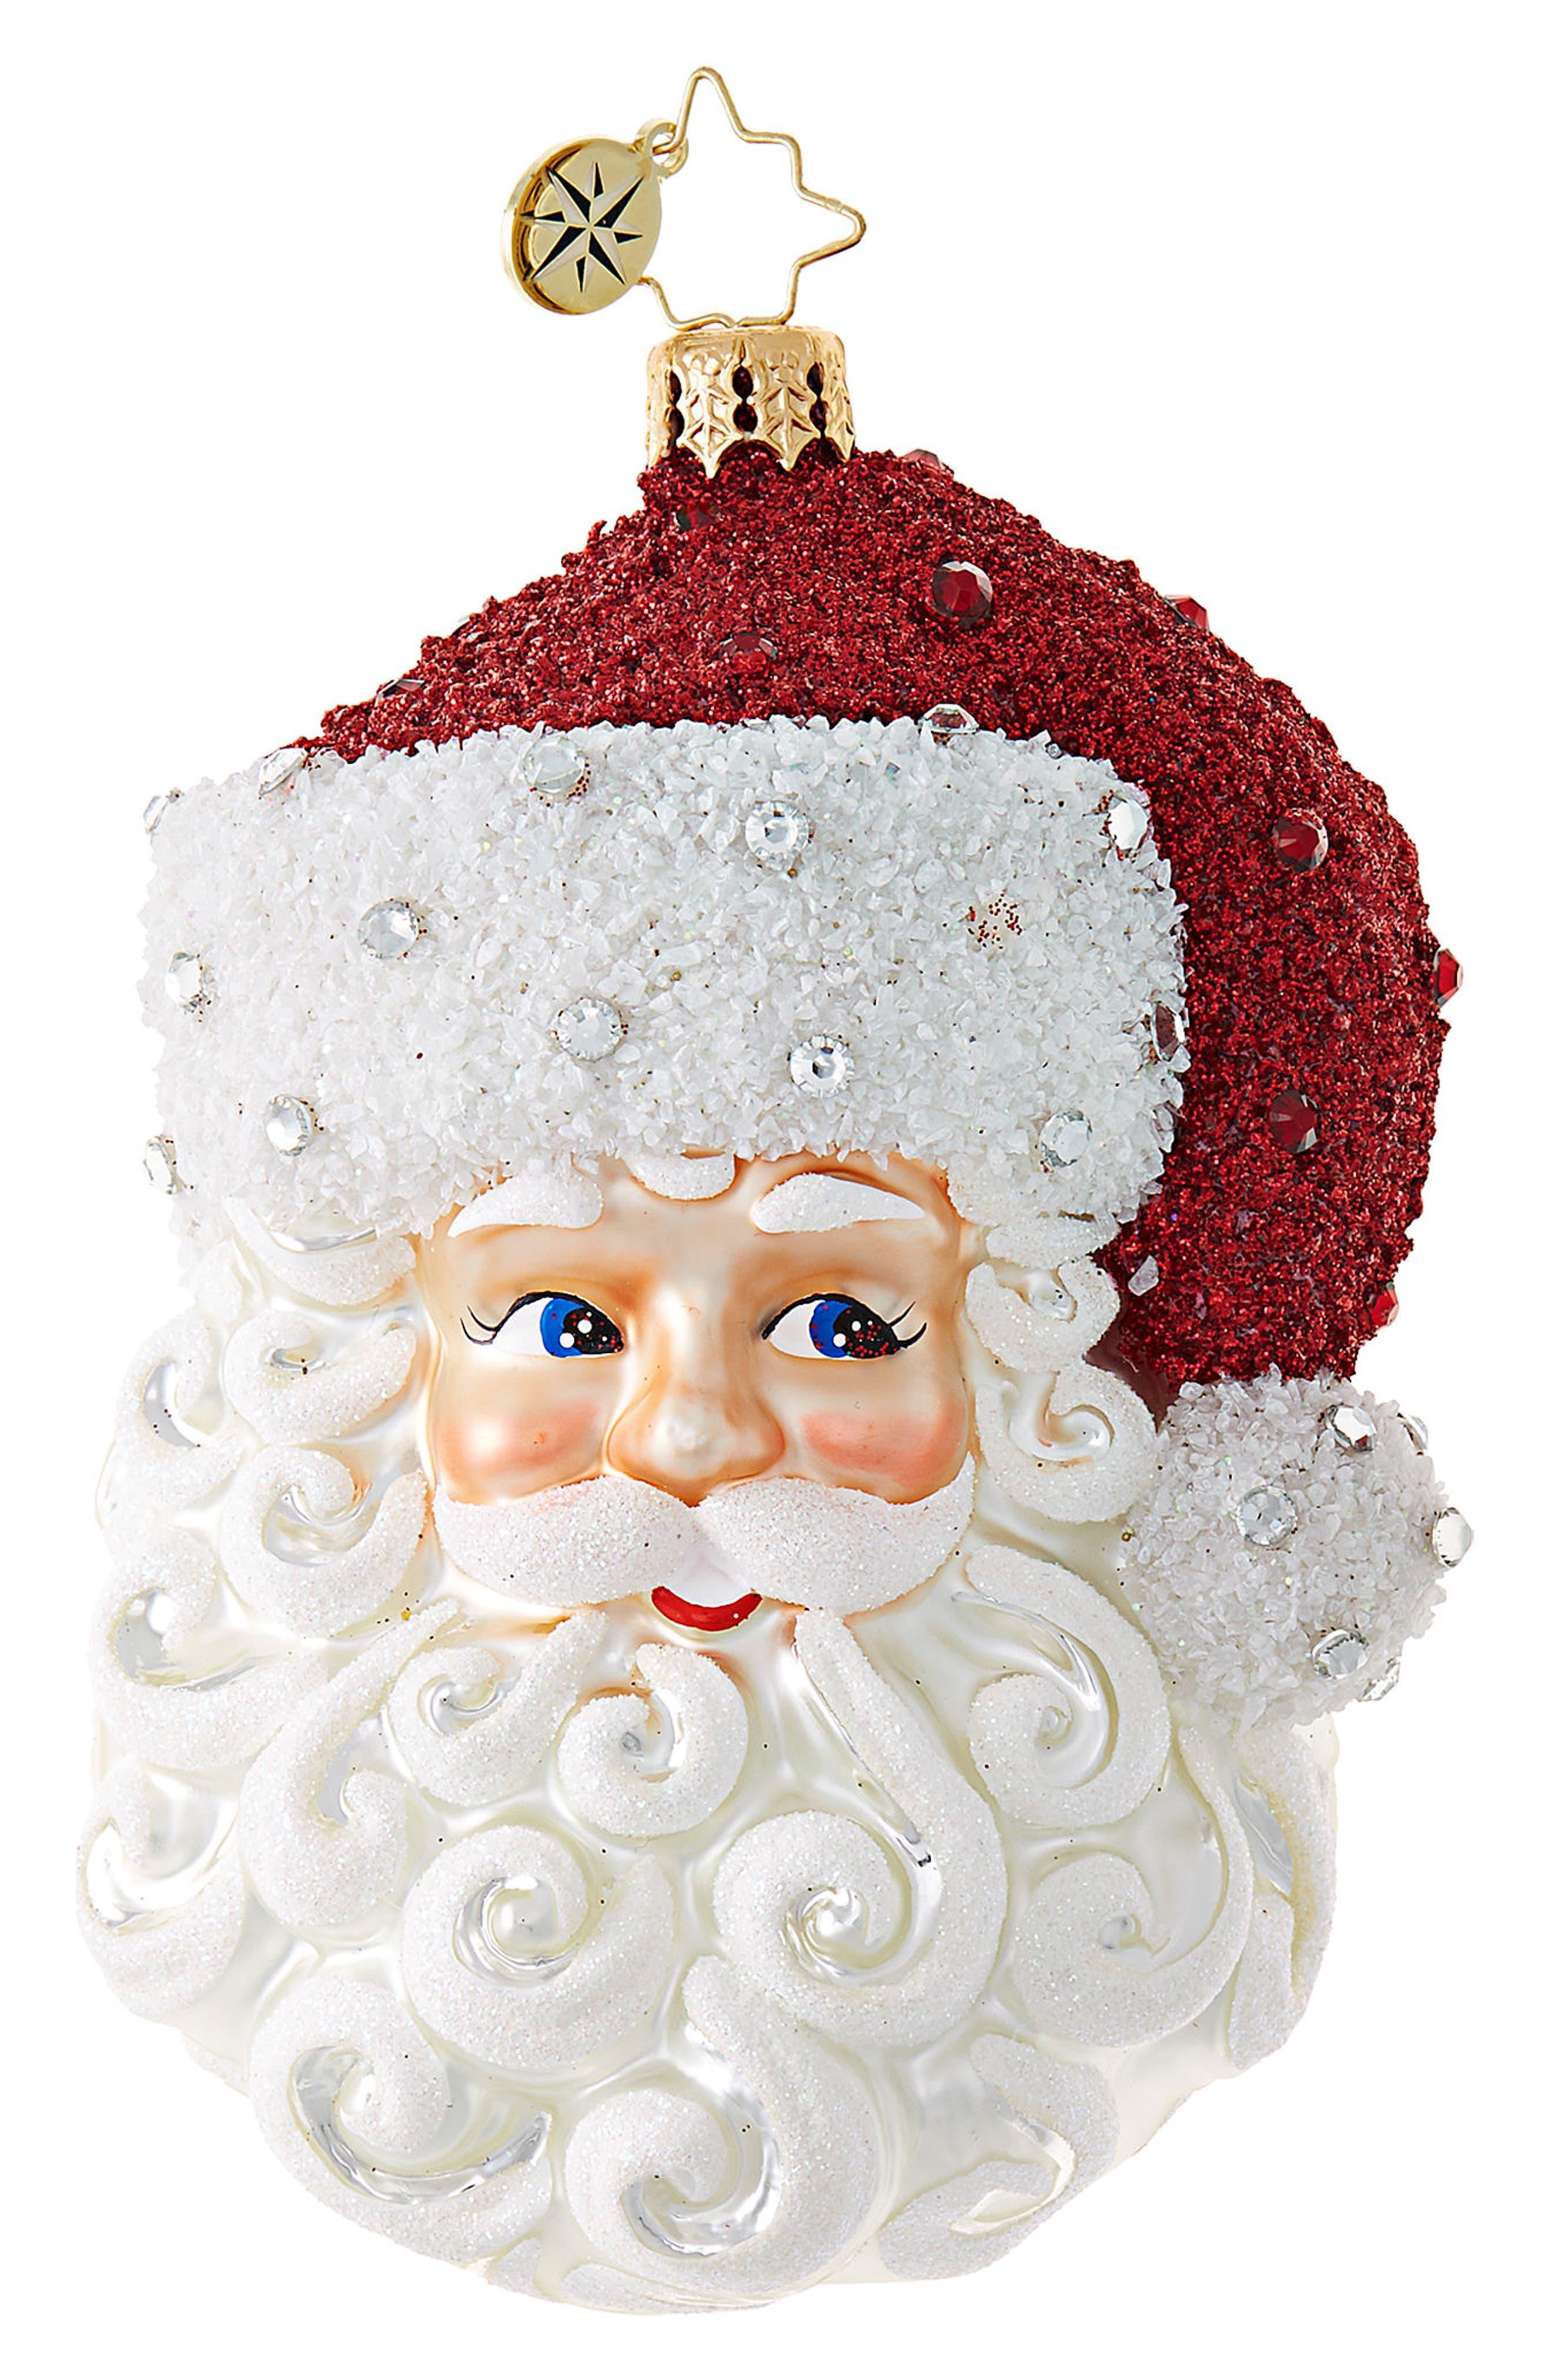 Simply Fabulous Santa Glass Ornament,                             Main thumbnail 1, color,                             White/ Multi